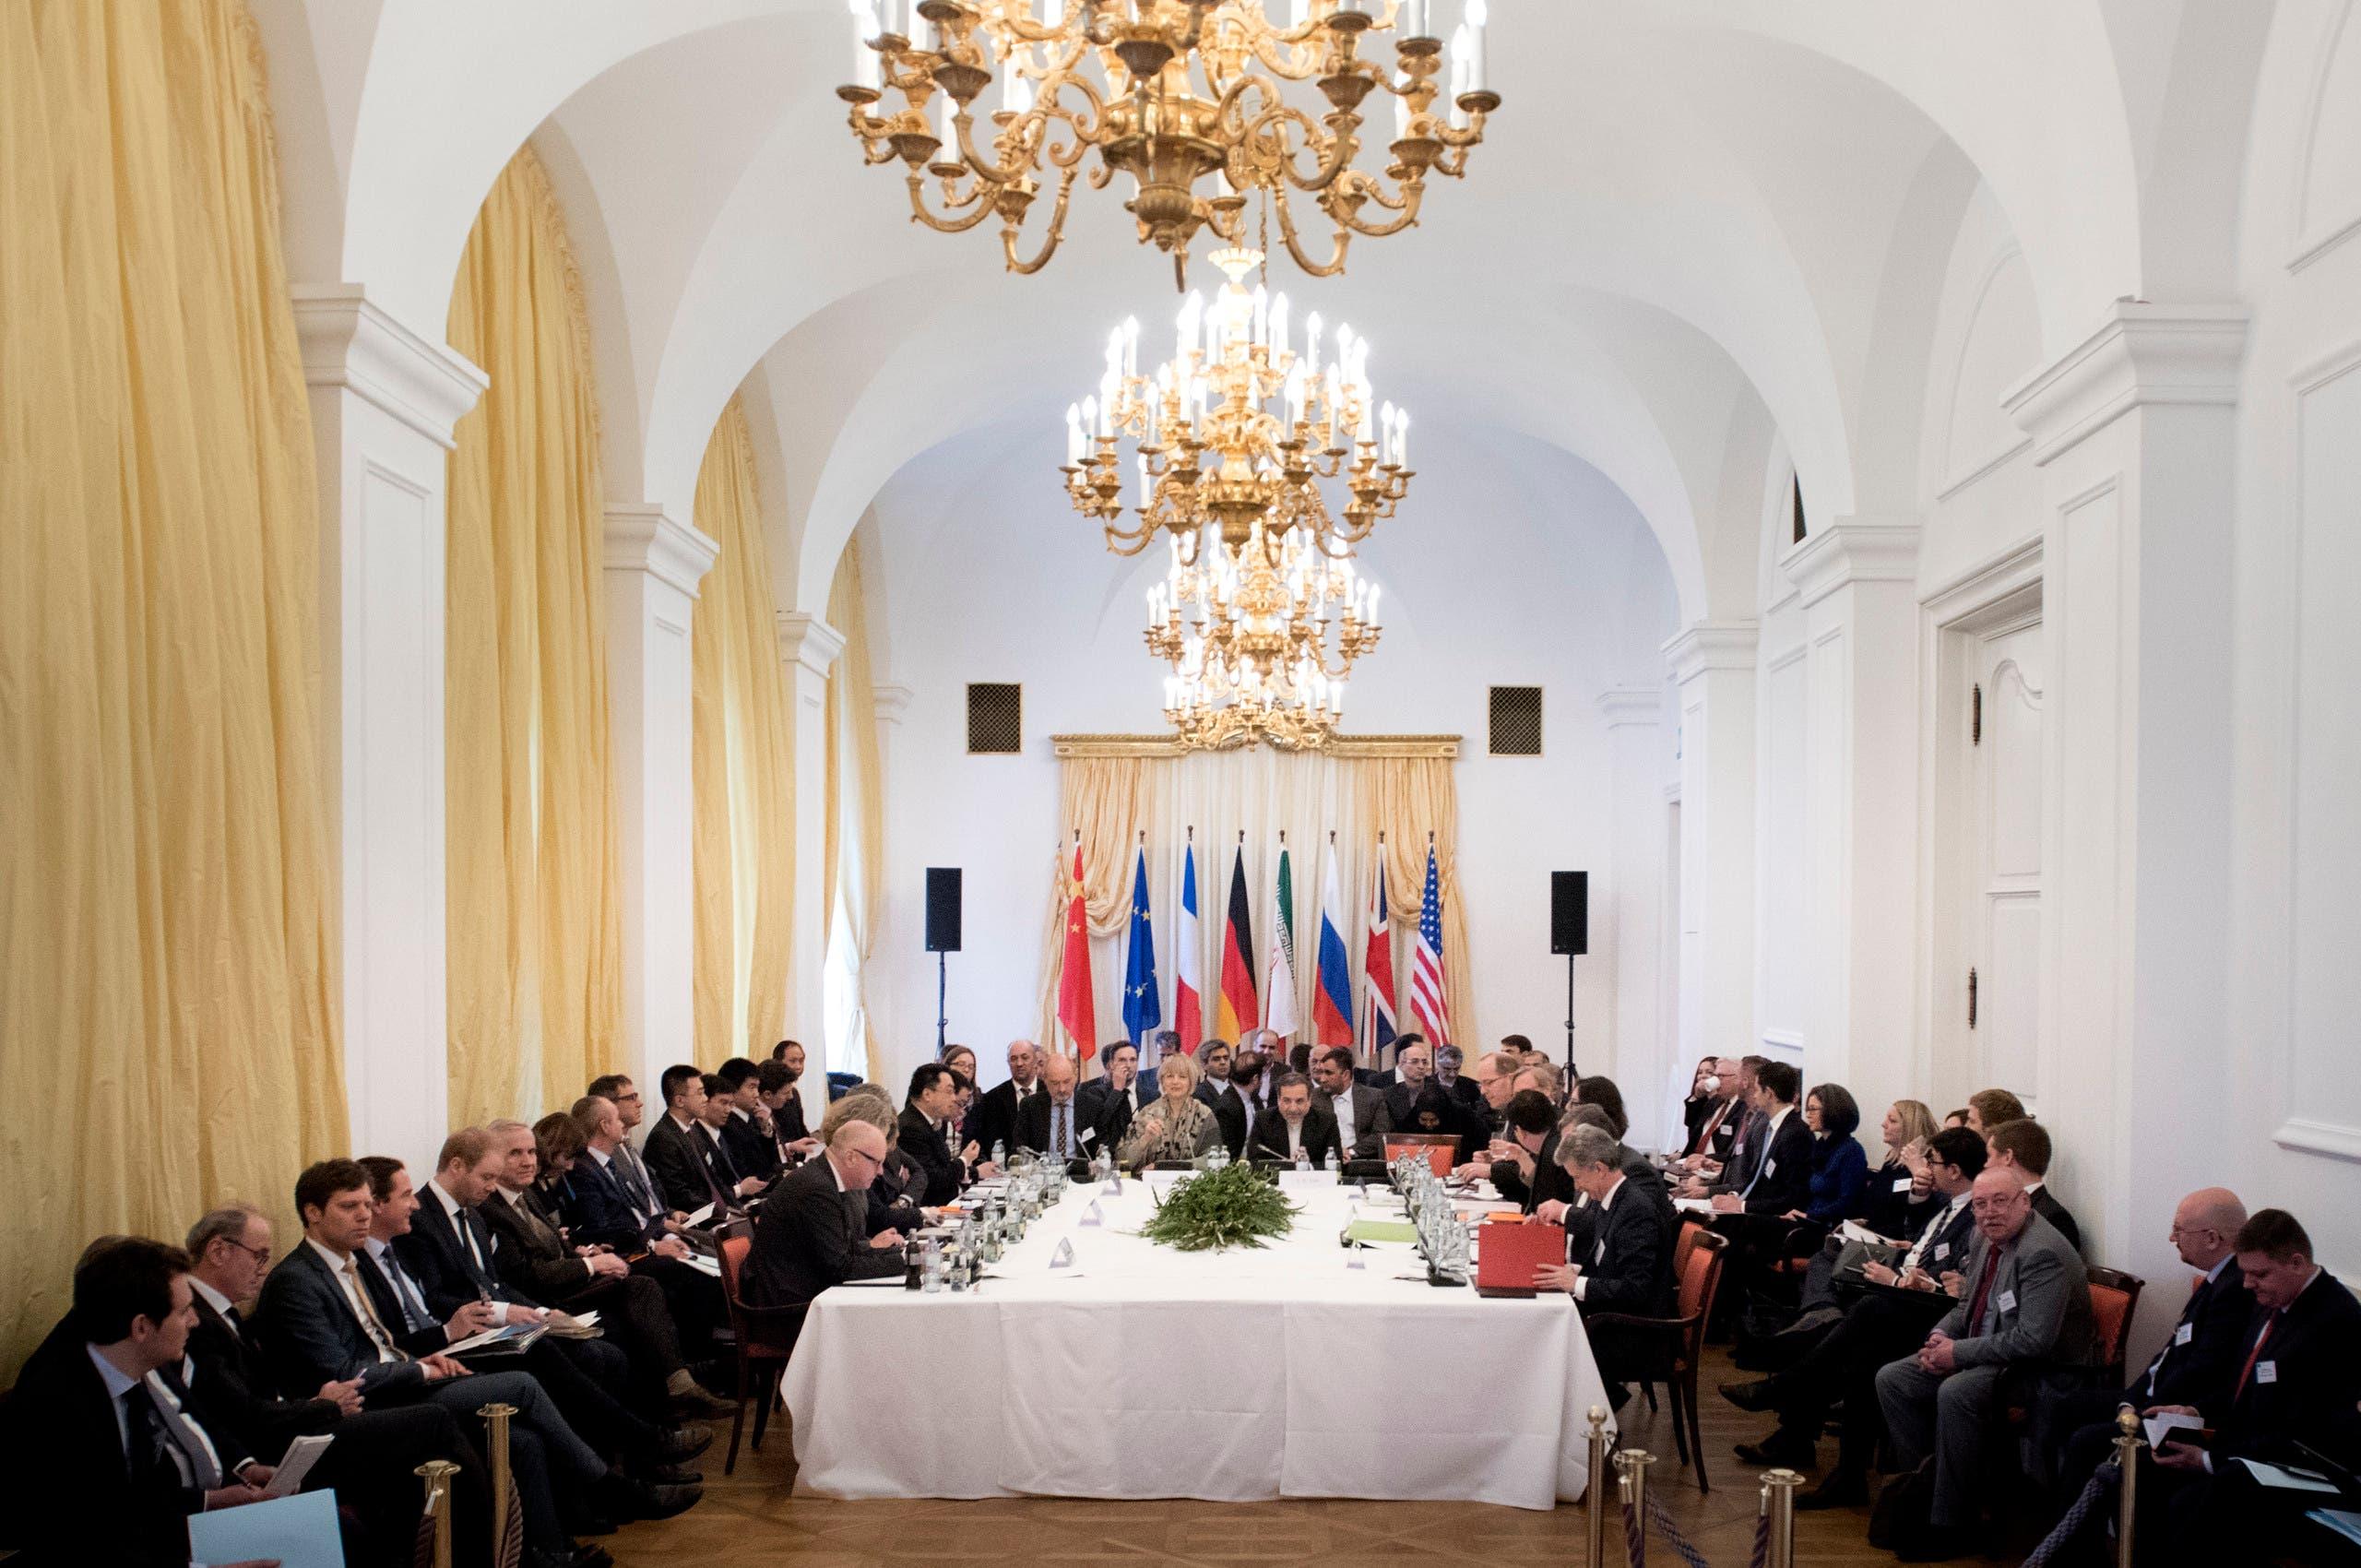 من المباحثات التي سبقت التوصل إلى الاتفاق النووي في فيينا في مارس 2015